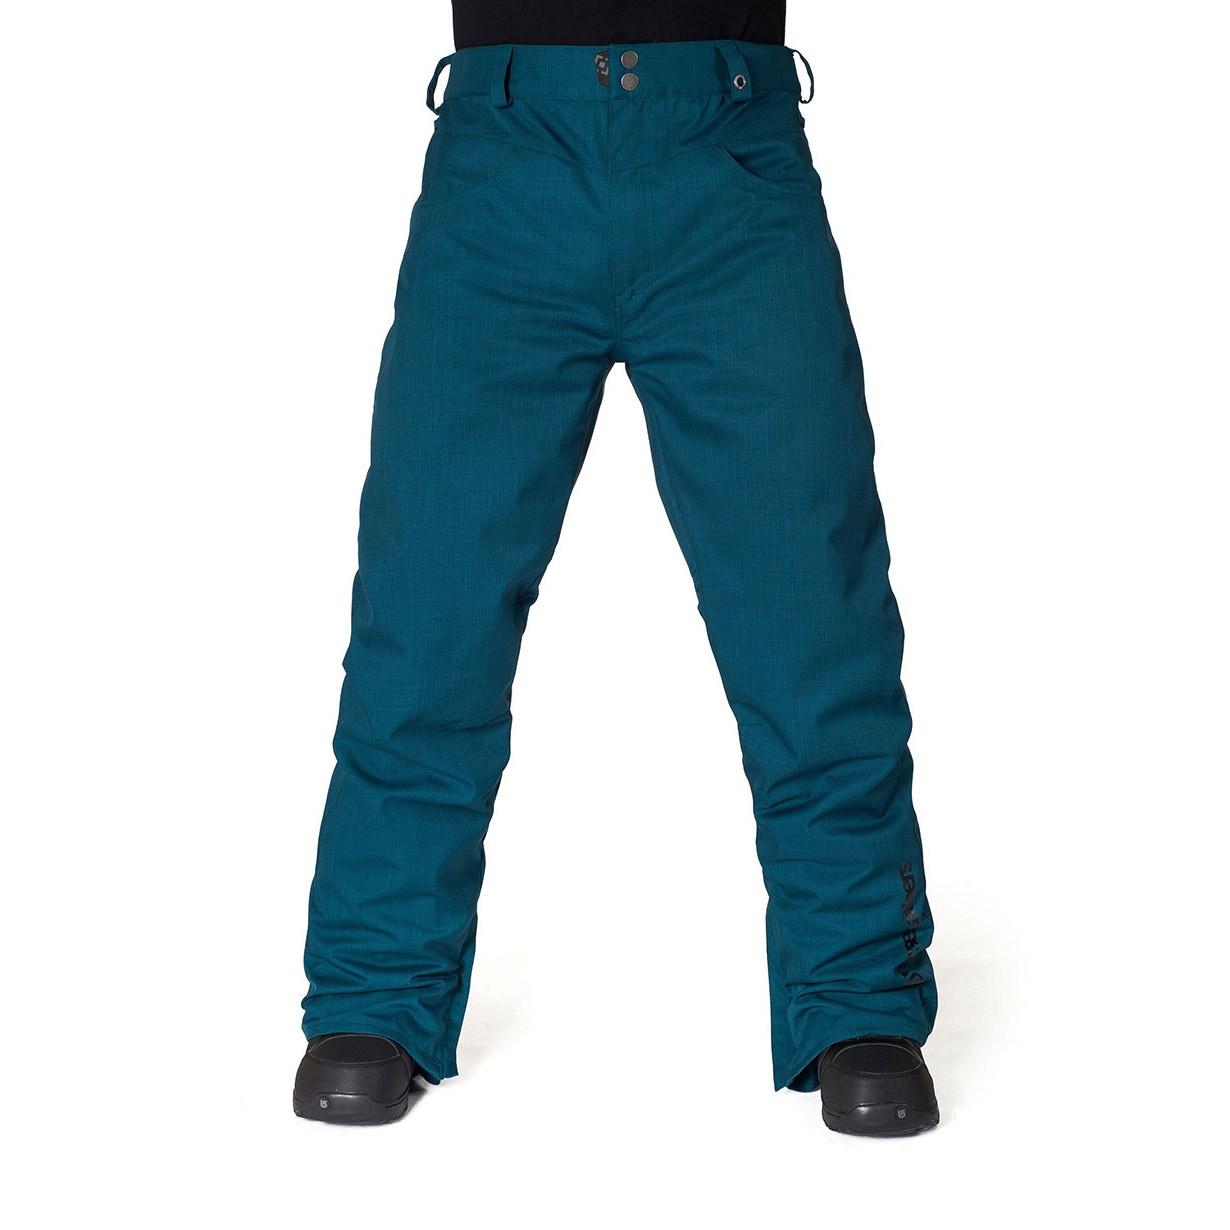 Kalhoty Horsefeathers Roulette deep blue